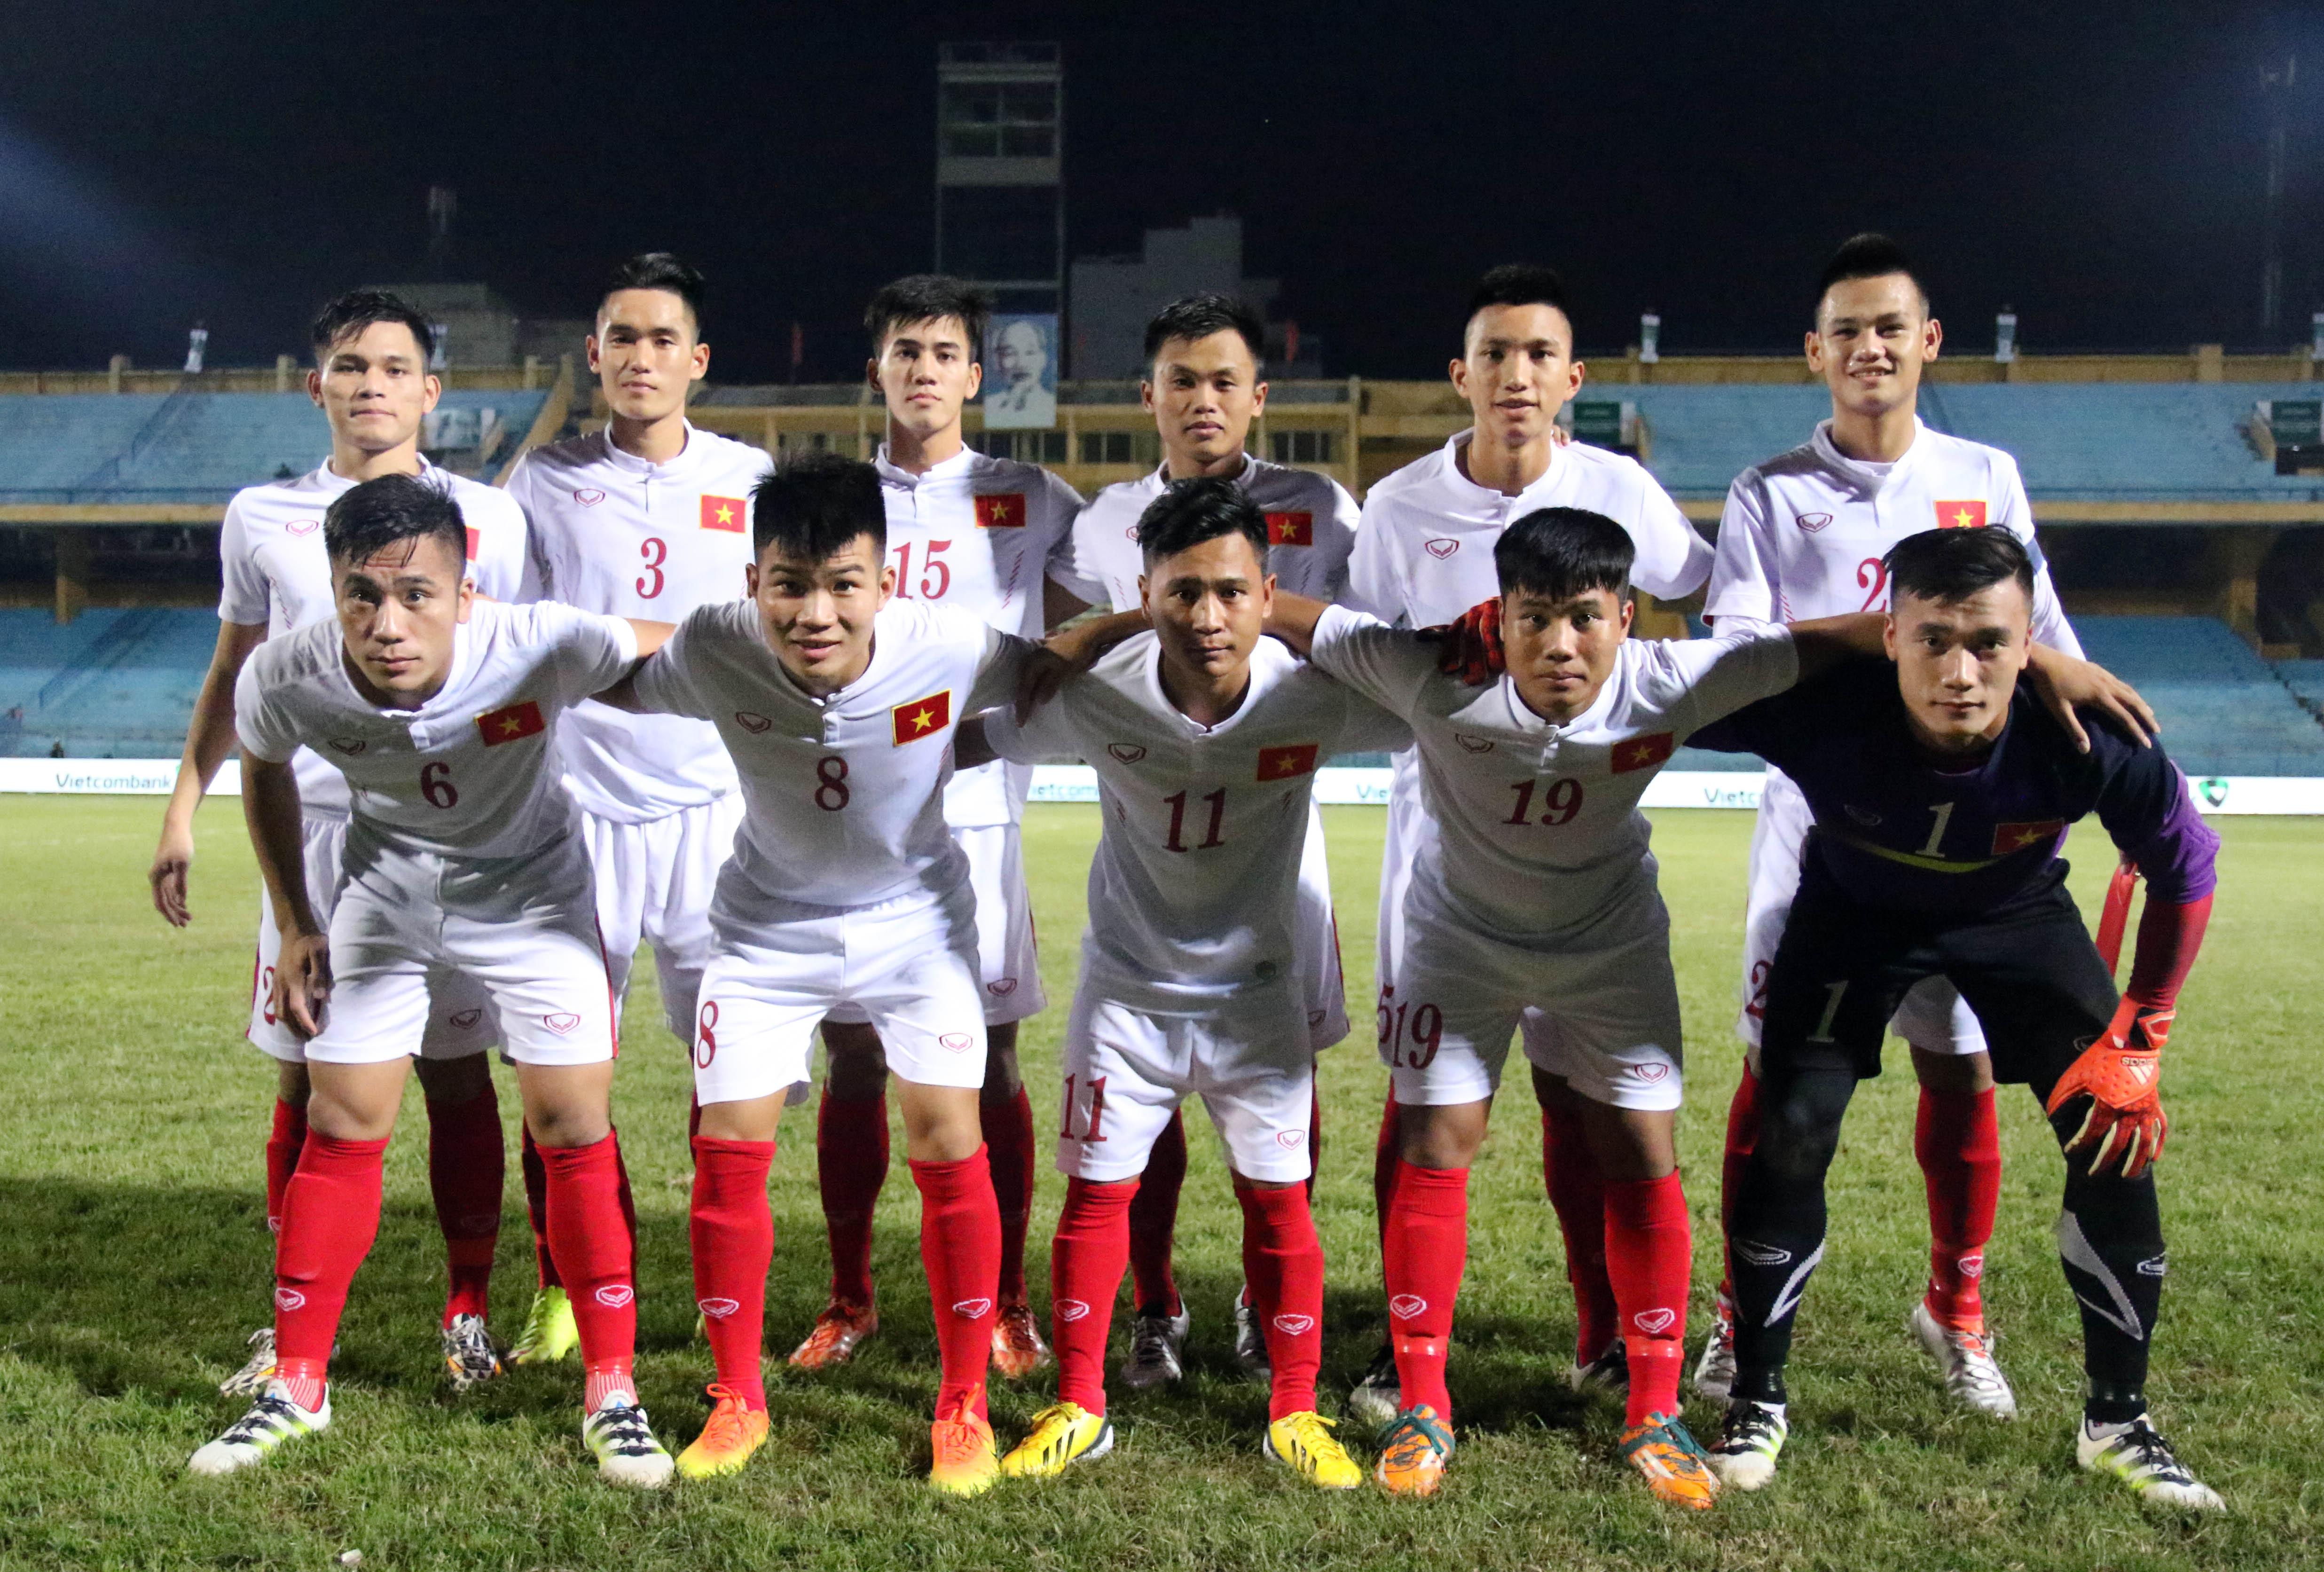 Một số hình ảnh của trận đấu giữa đội tuyển U19 Việt Nam - U19 Timor Leste tại giải U19 vô địch Đông